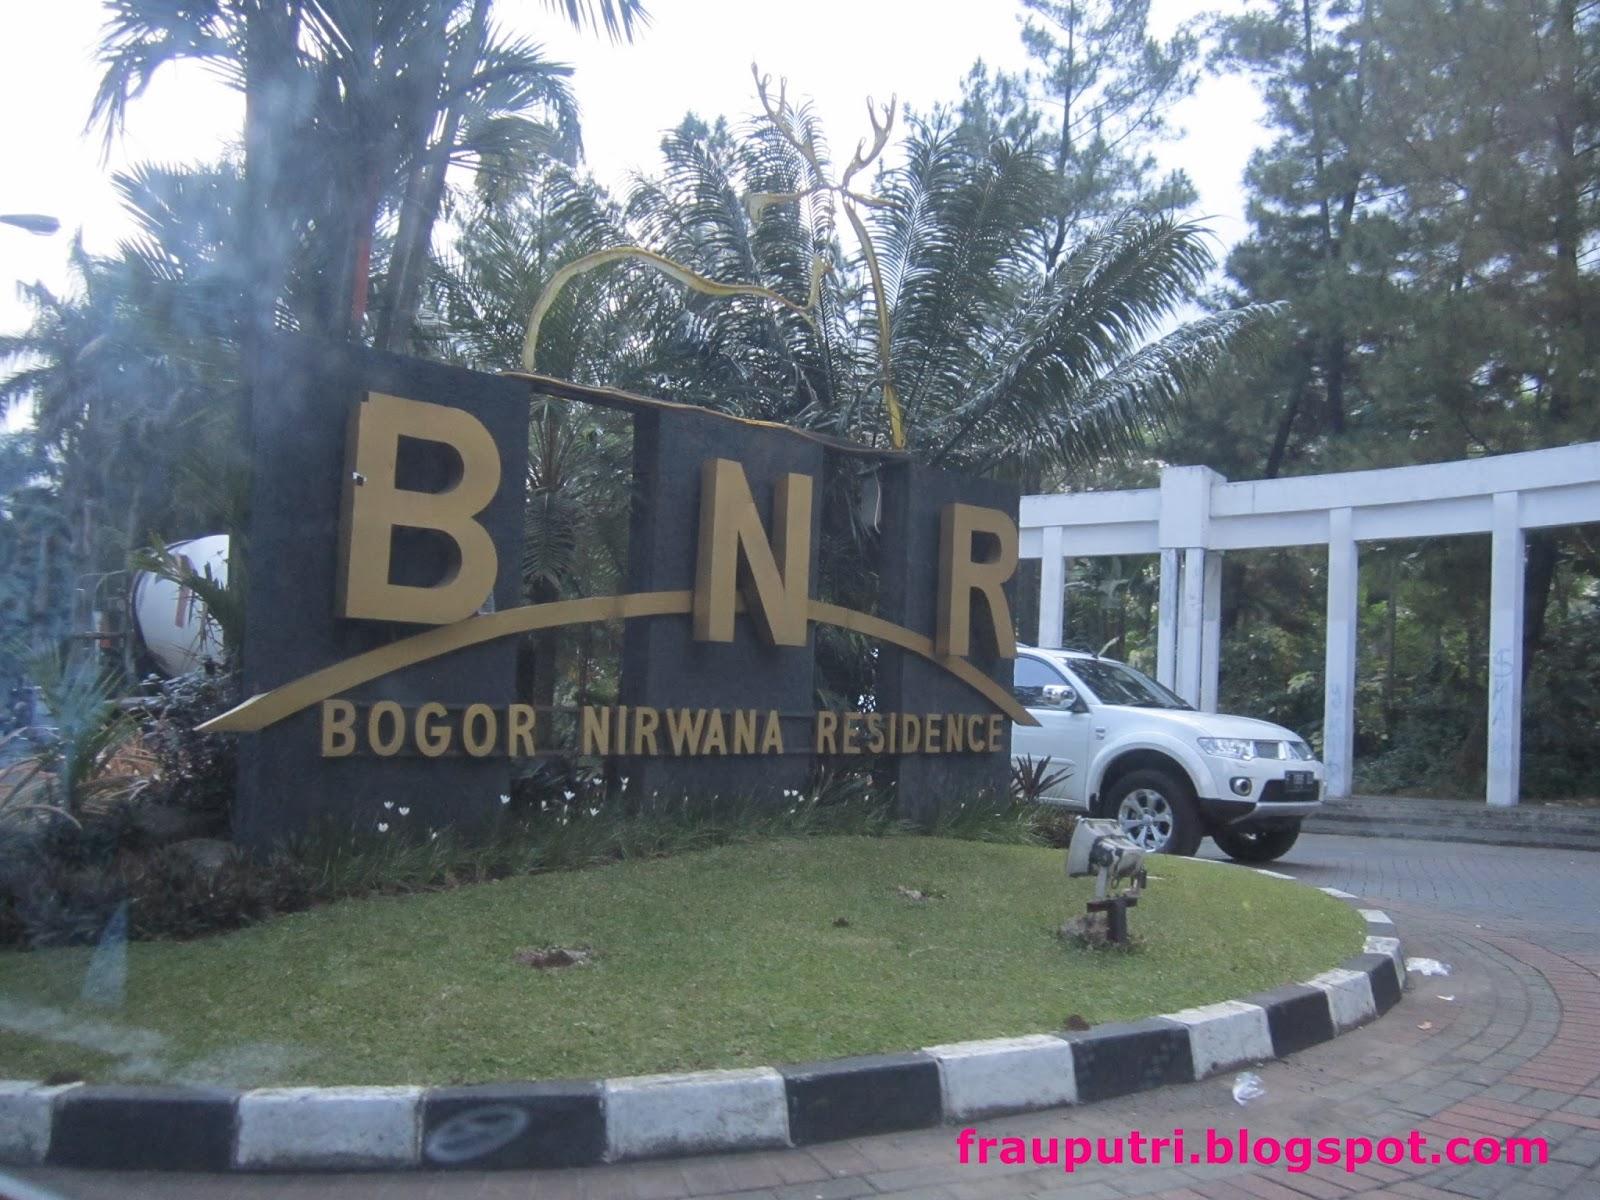 Hotel Aston Bogor Ini Terletak Di Kawasan Perumahan Nirwana Residence Persis Samping The Jungle Jadi Ketika Kami Check In Lobi Penuh